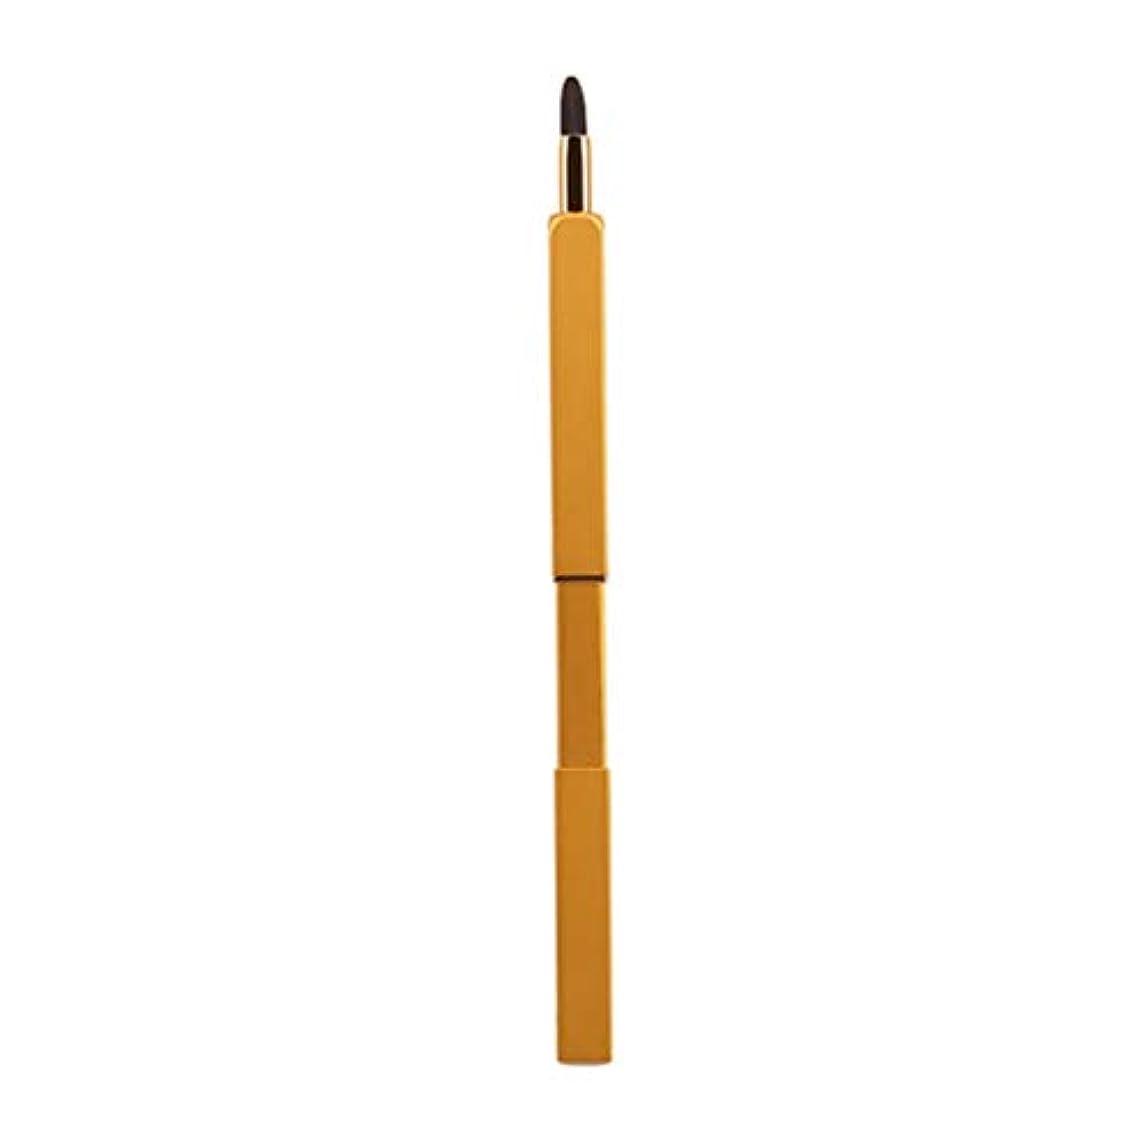 蒸し器復活するどうやってLurrose 引き込み式のリップブラシの柔らかいナイロン繊維の口紅の金属の管が付いている携帯用構造のブラシ(黄色)